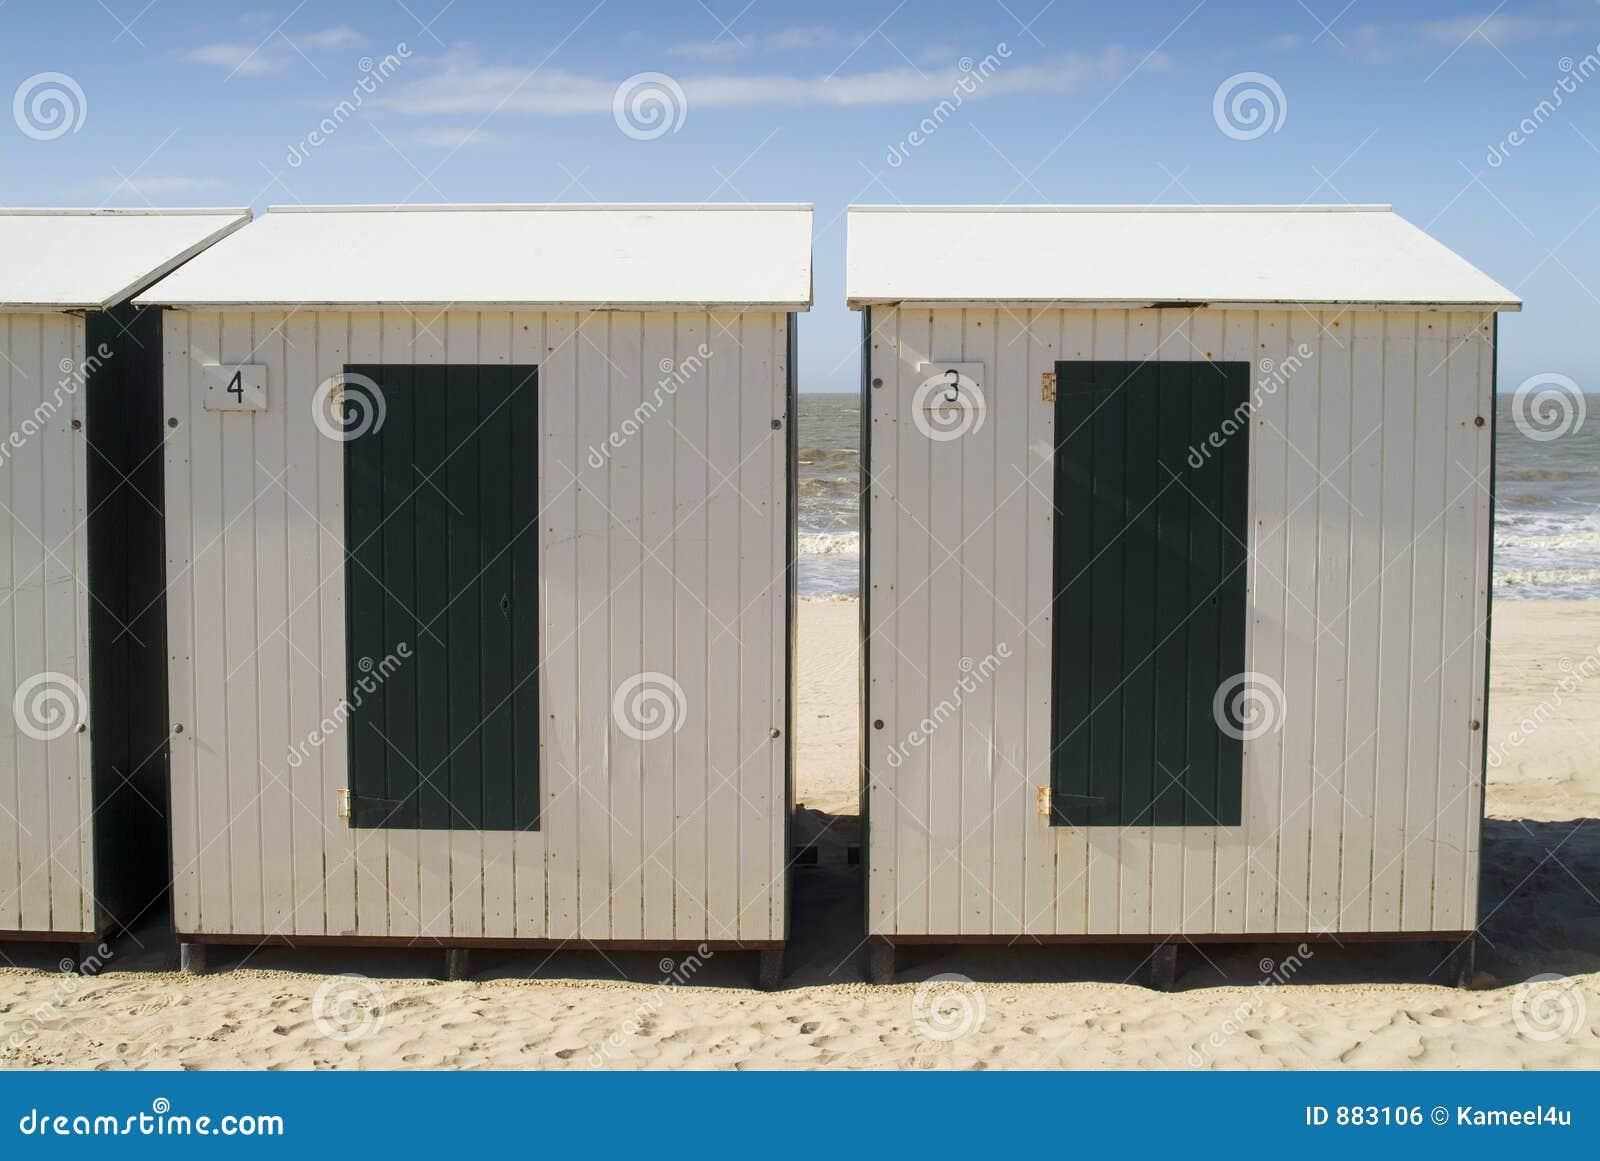 cabine sulla spiaggia mare del nord immagine stock